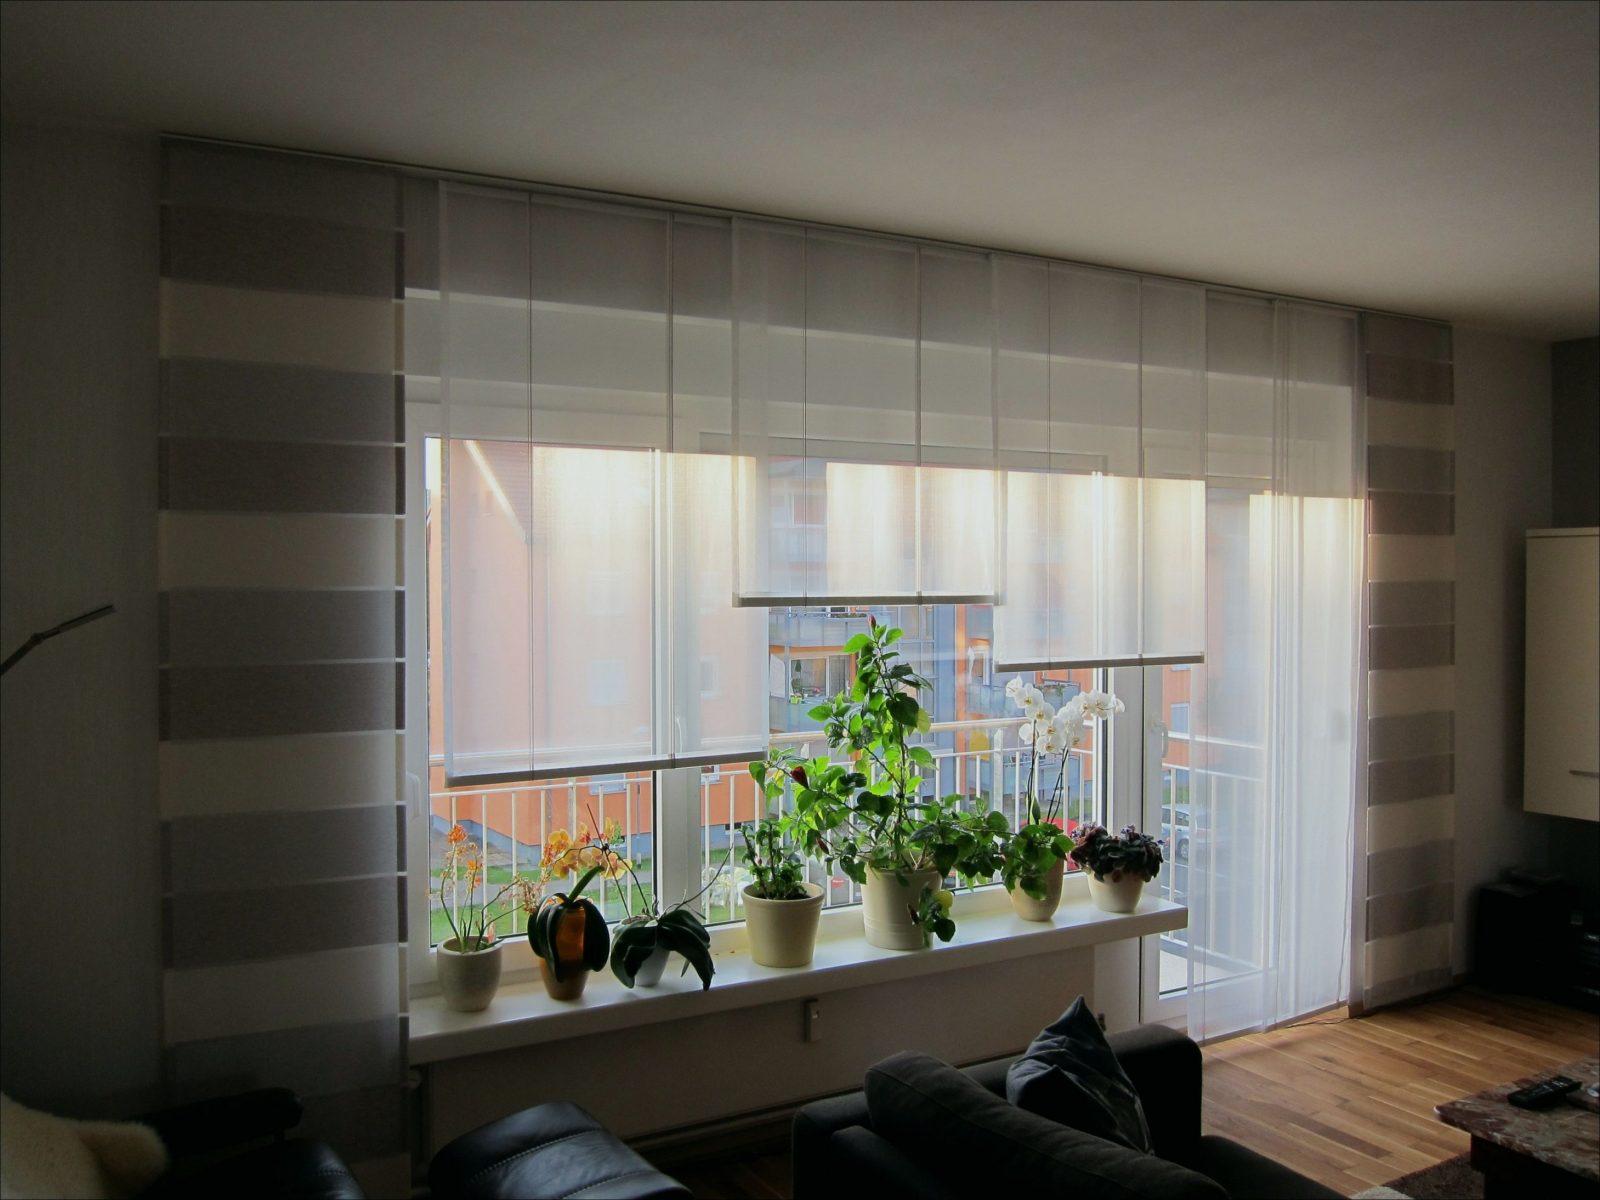 Gardinen Balkontür Und Fenster Modern Gut Und Makellos Ausgezeichnet von Gardinen Für Terrassentür Und Fenster Photo